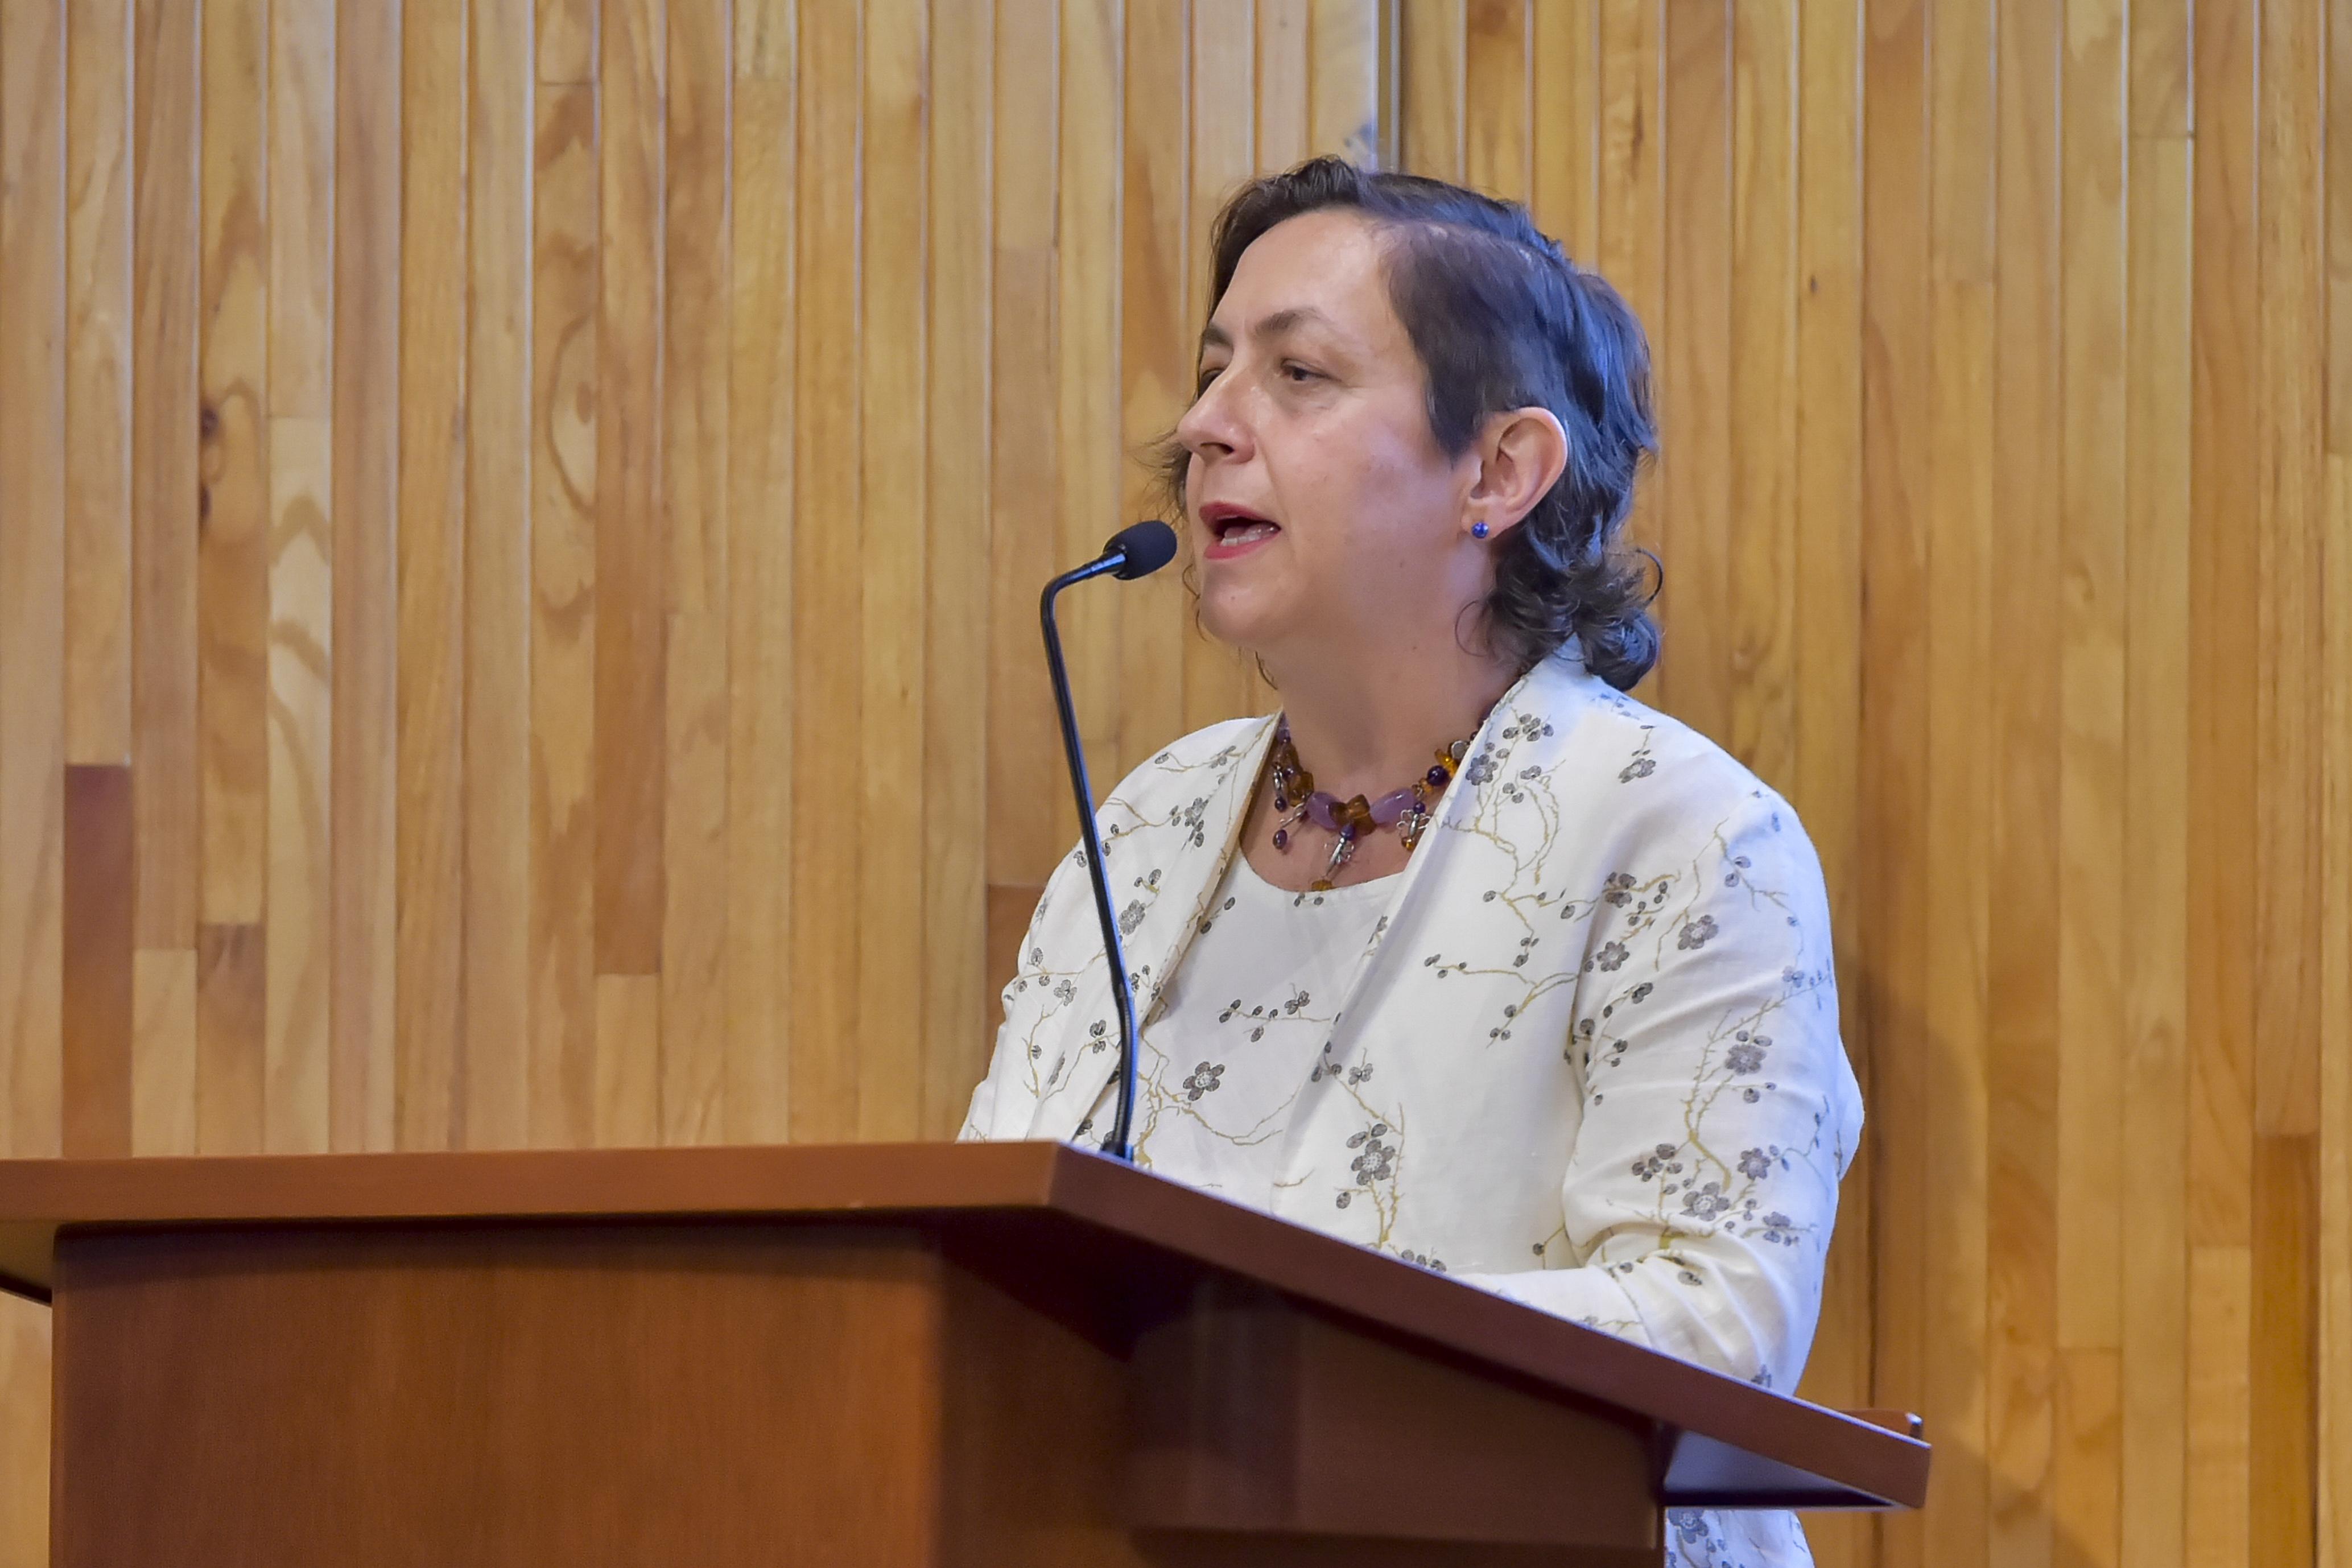 Directora de la cátedra, Carmen Villoro, haciendo uso de la palabra